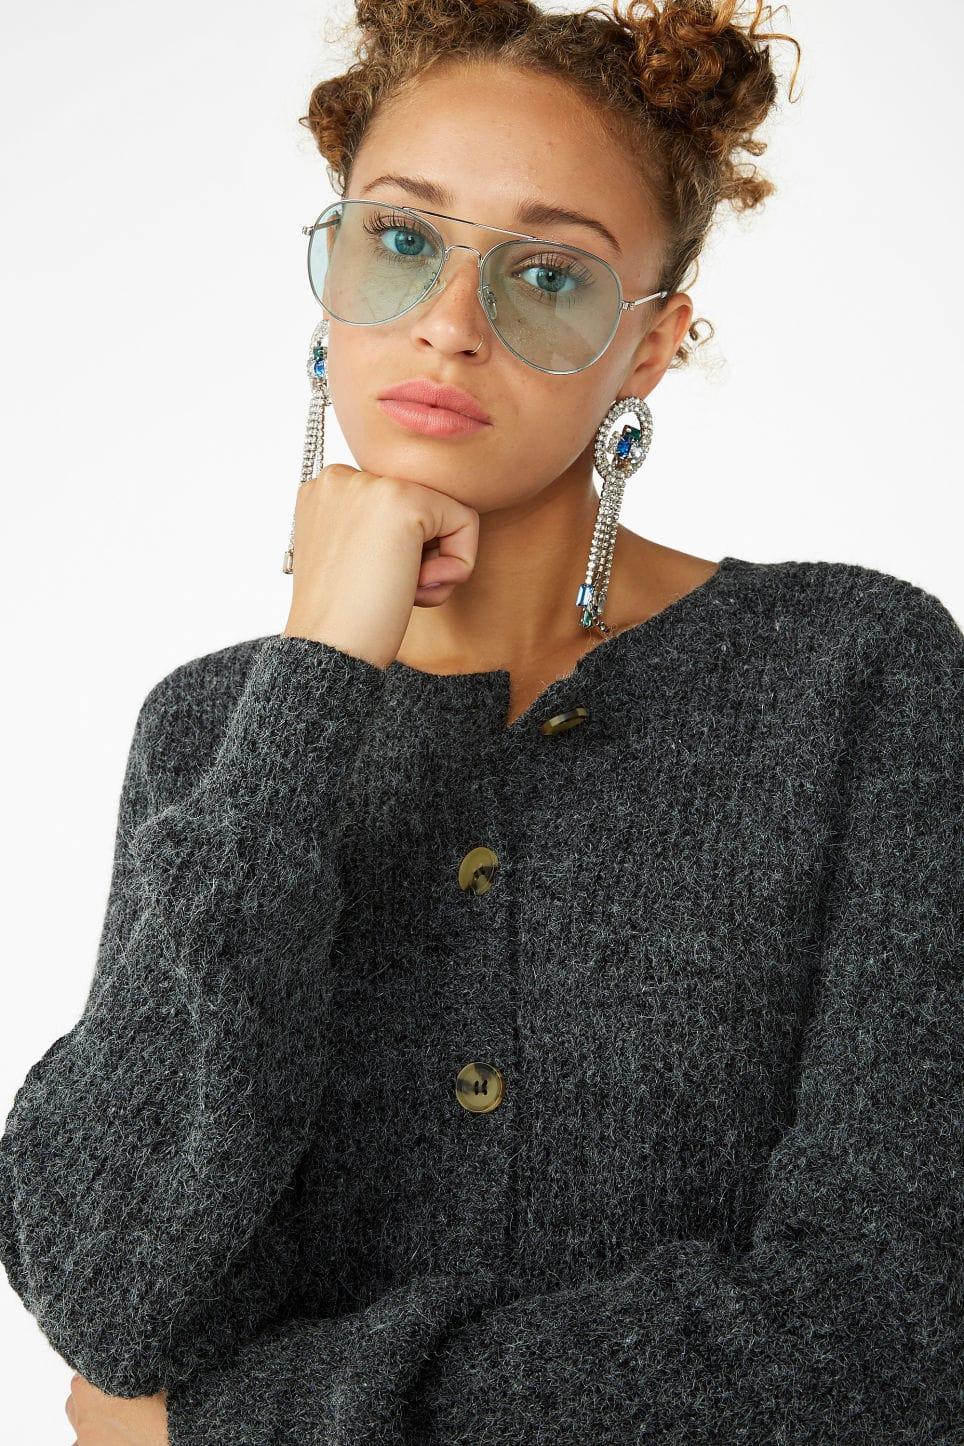 Picture of Ella-Rae Smith